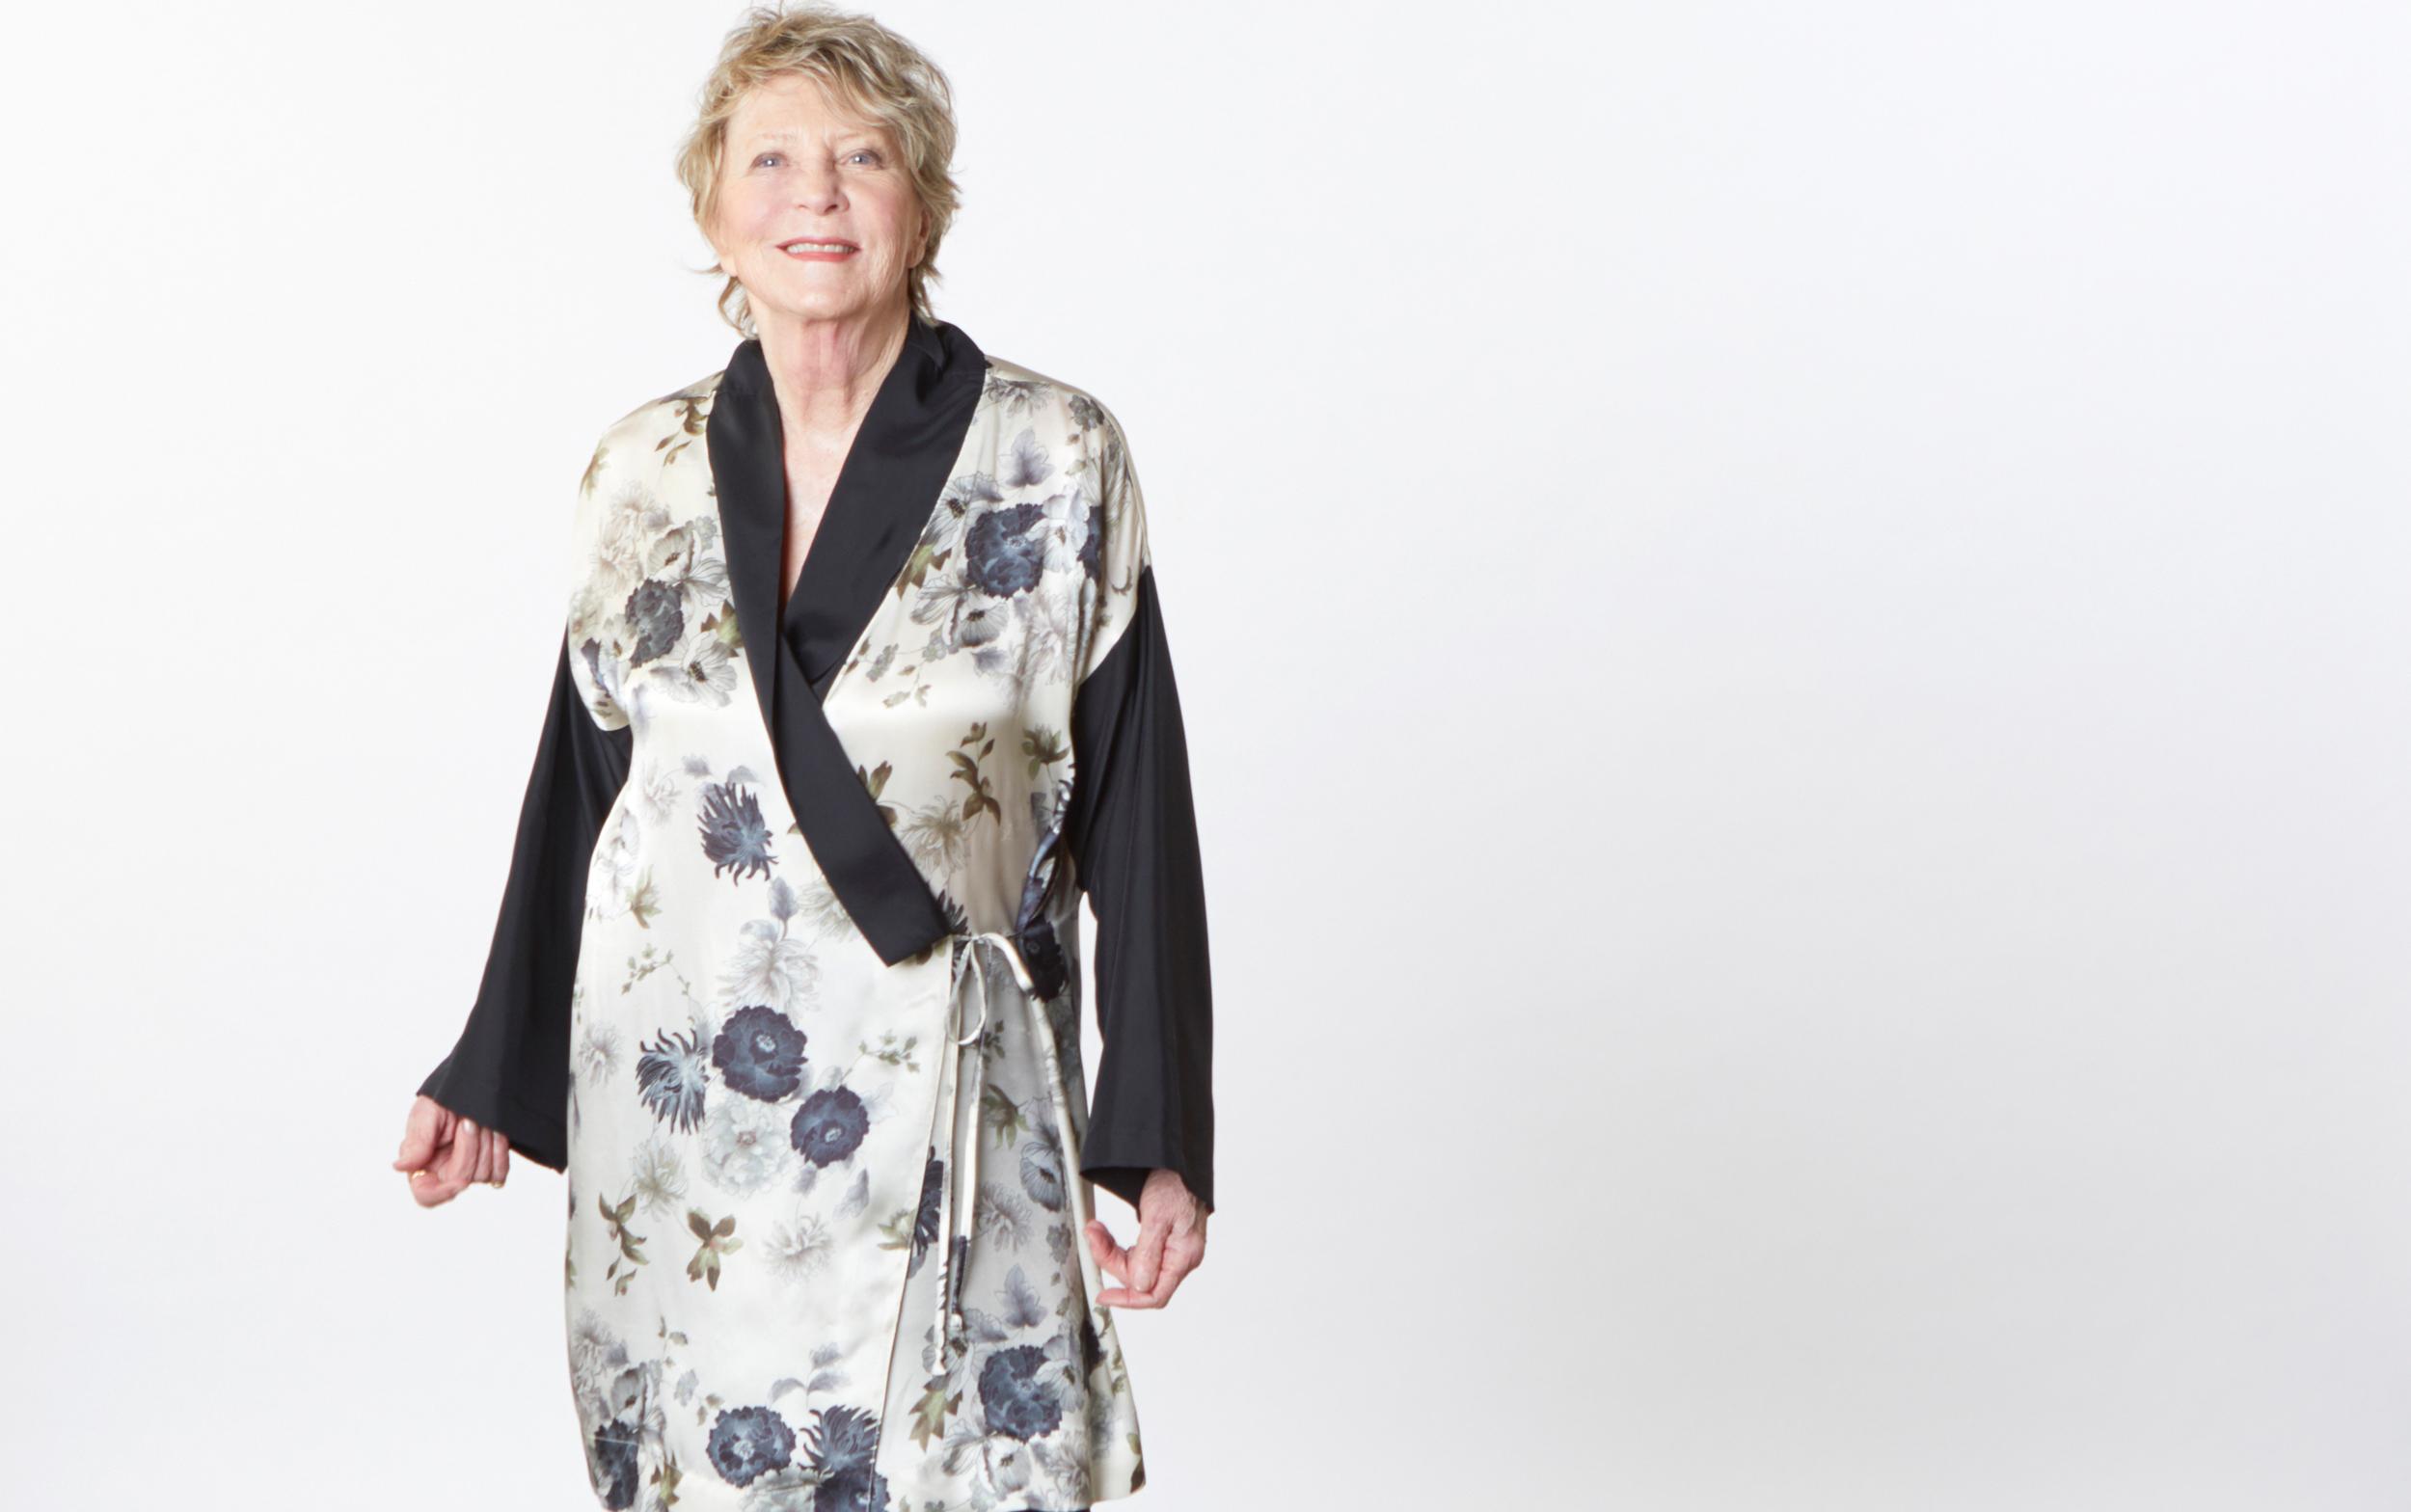 Franca Jacket in Black/White Italian Silk Print